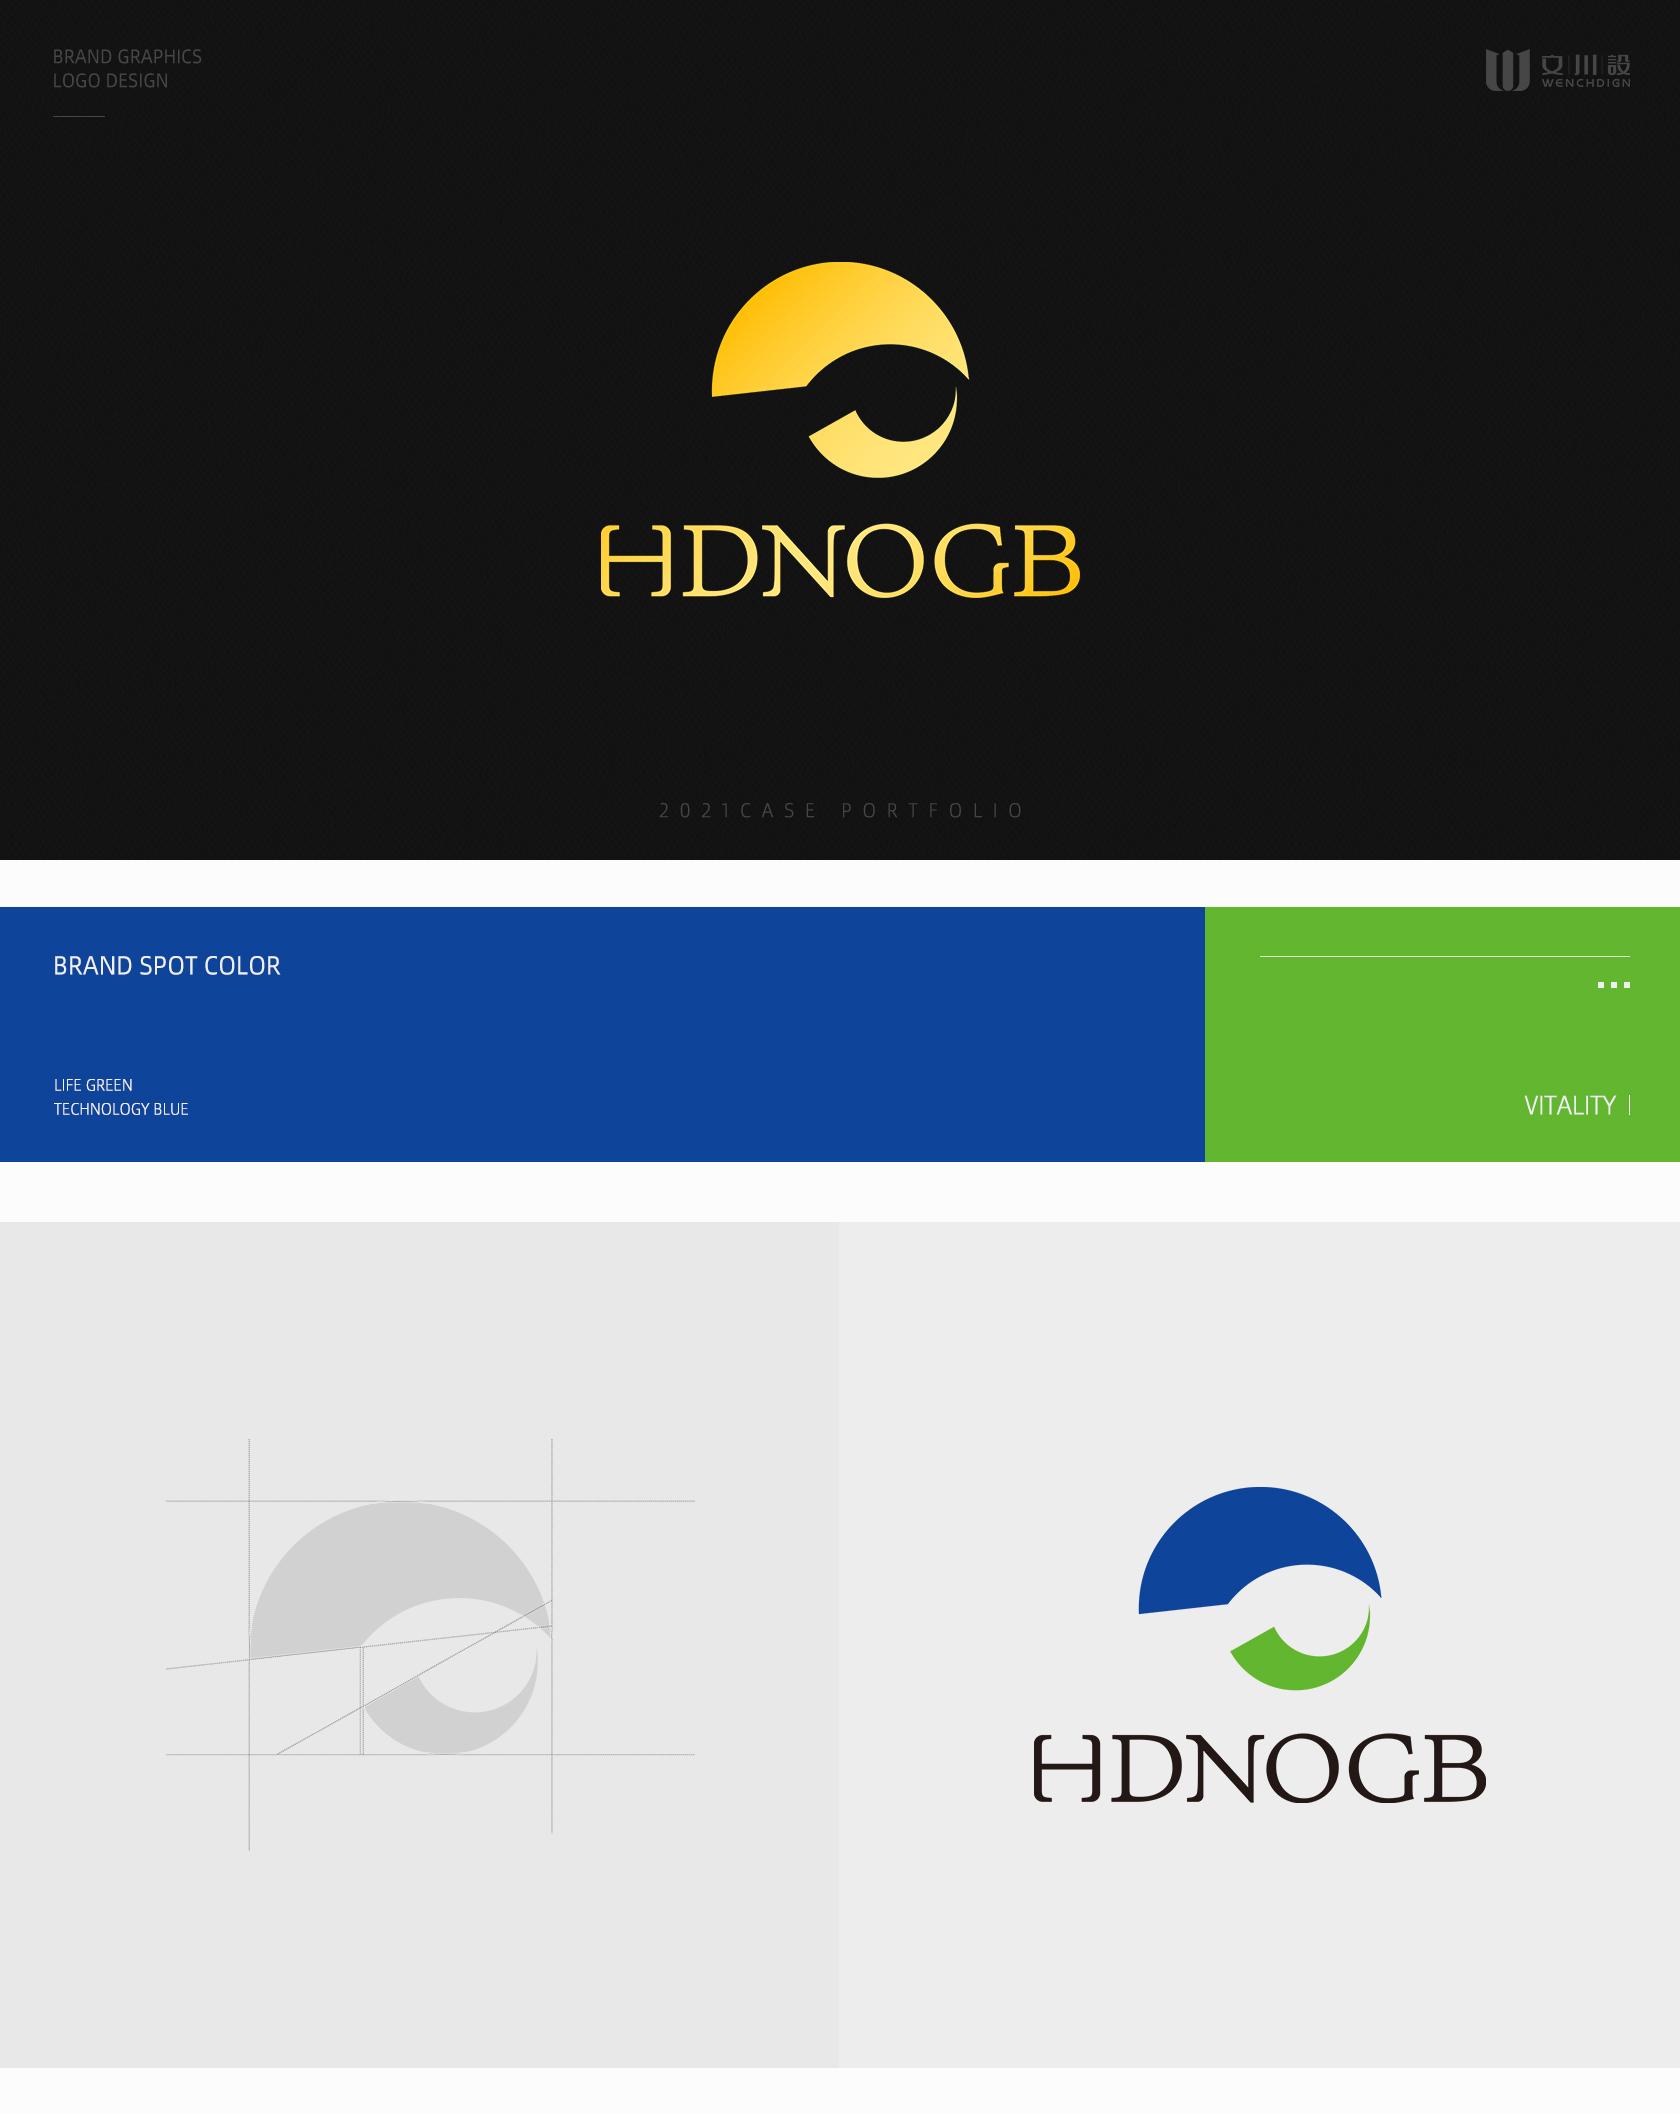 原创品牌LOGO / 图形设计